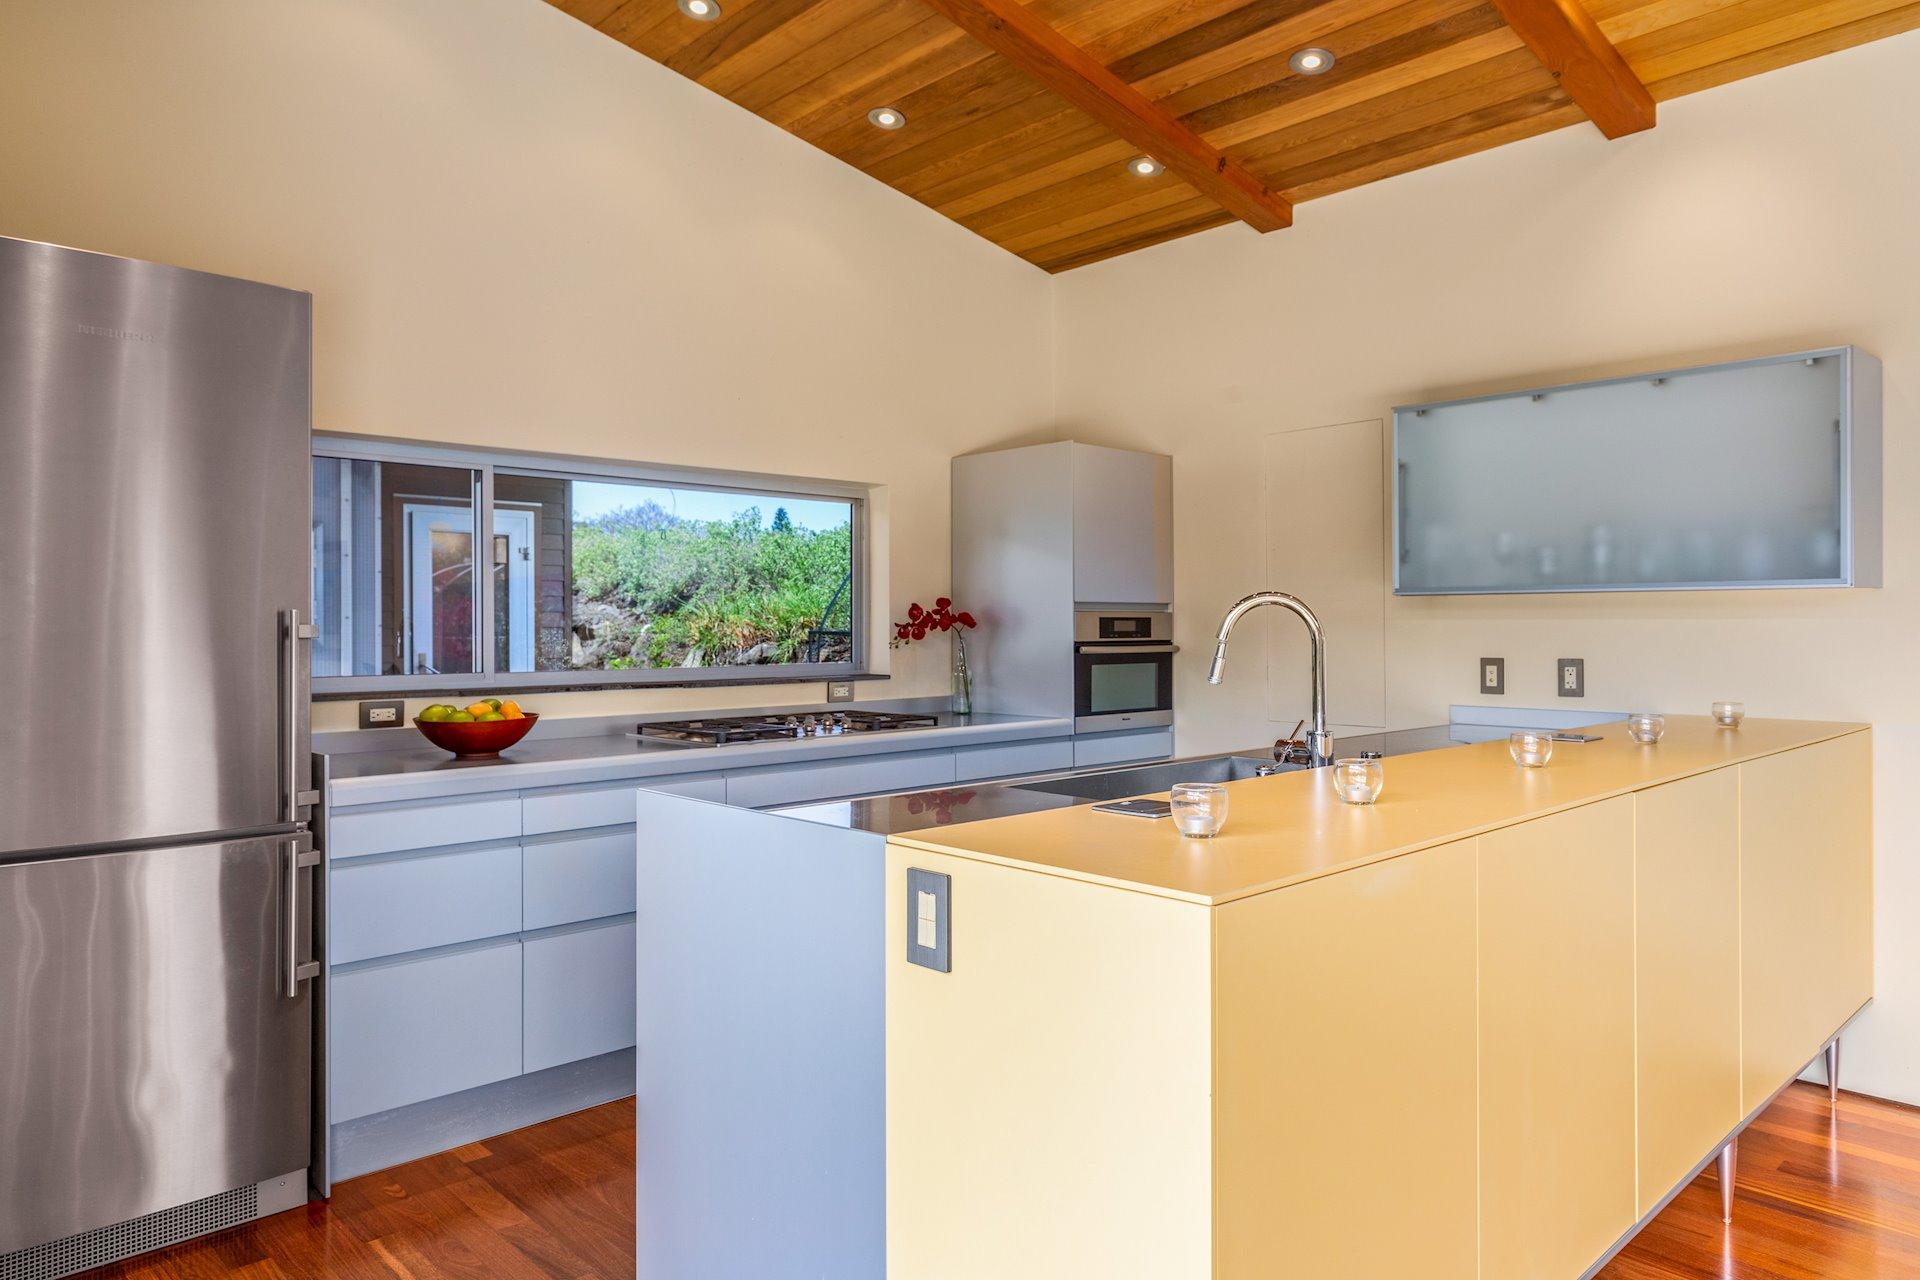 Modern kitchen with Valcucine cabinets